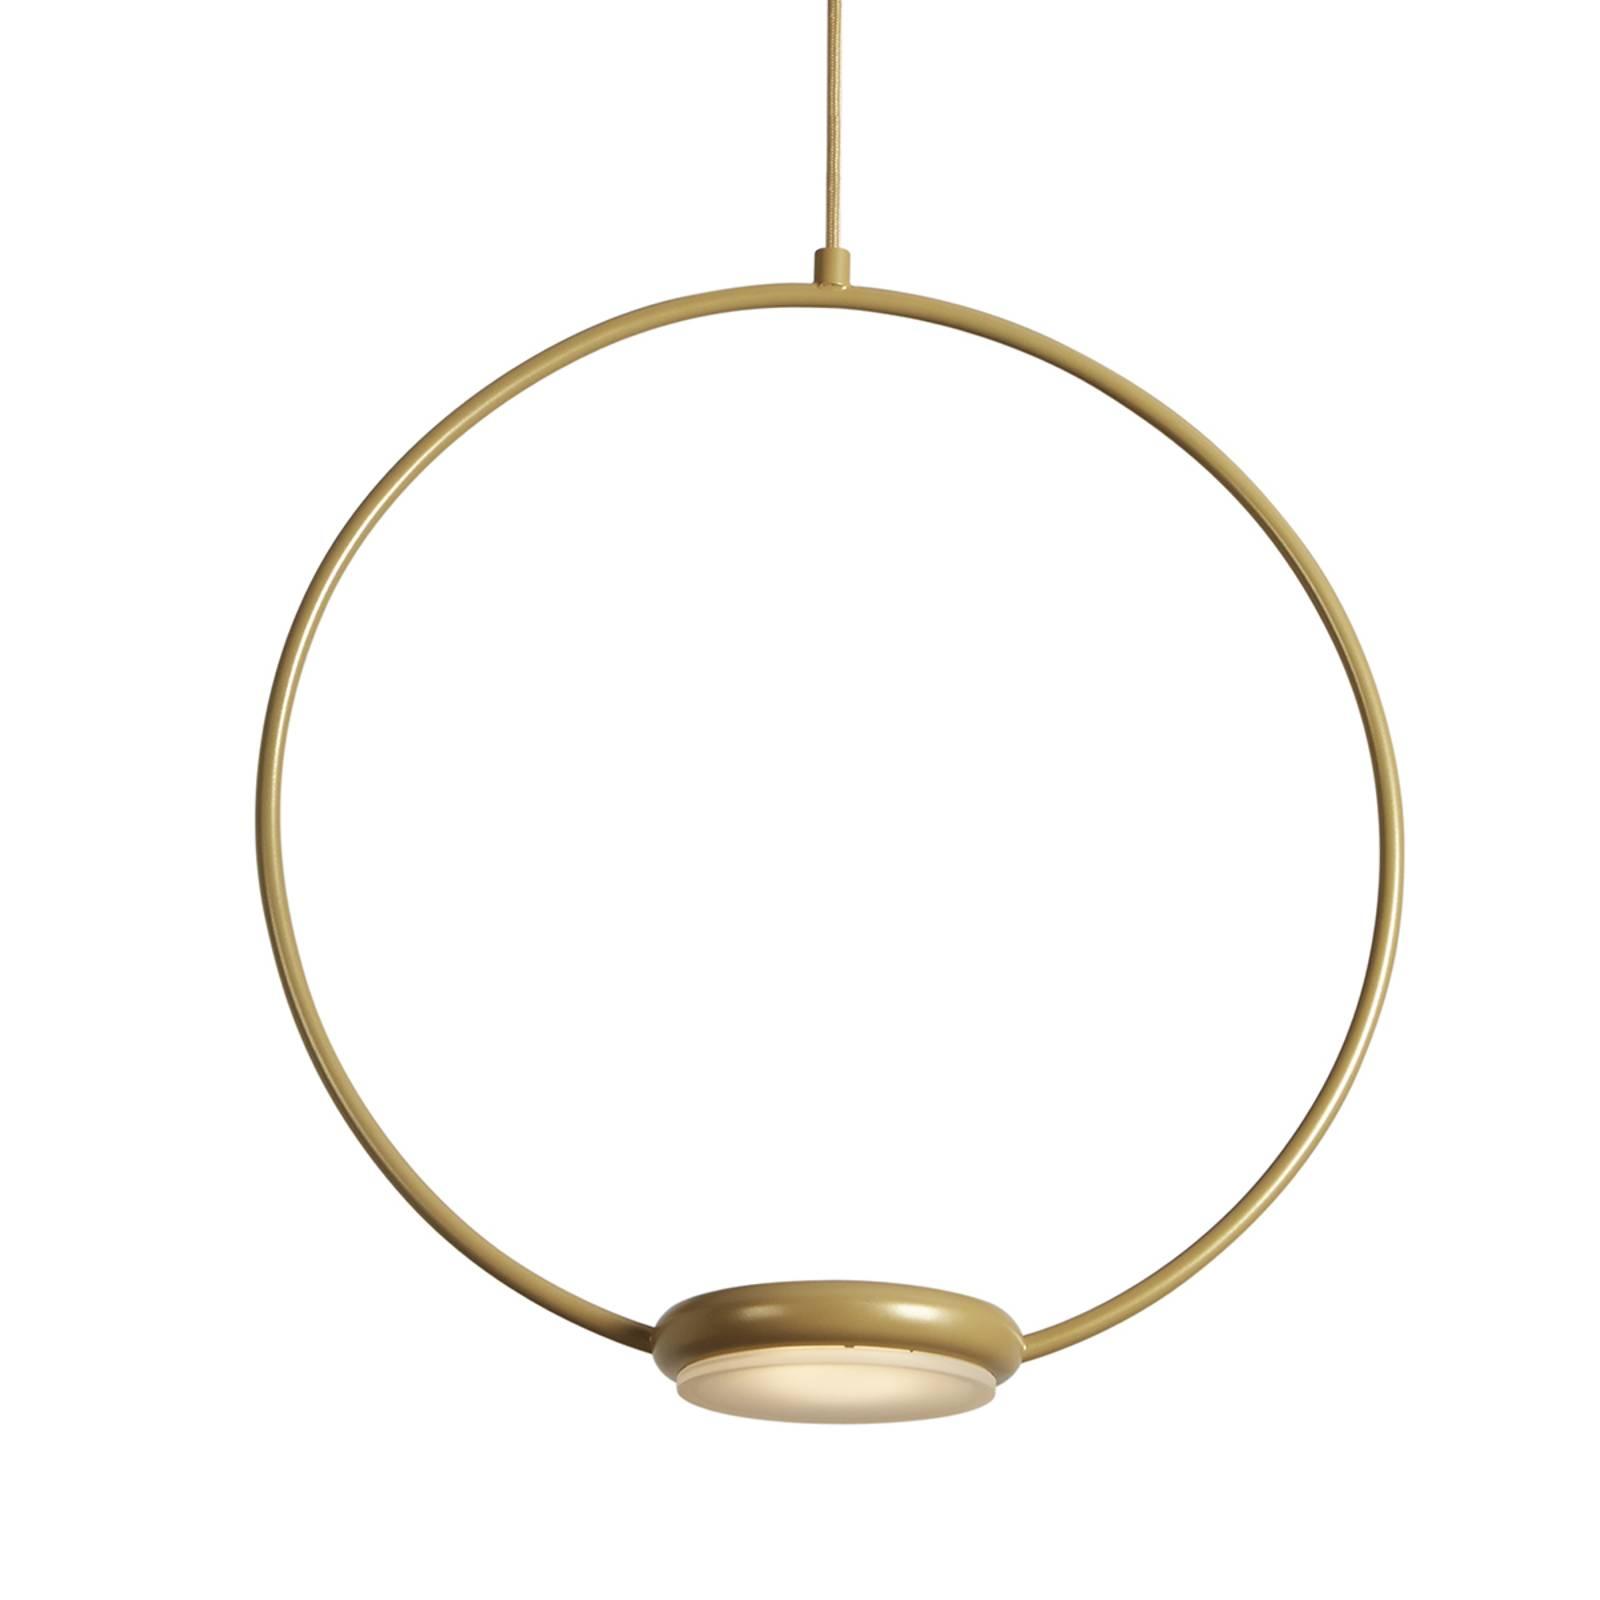 Goldene LED-Hängeleuchte Odigiotto